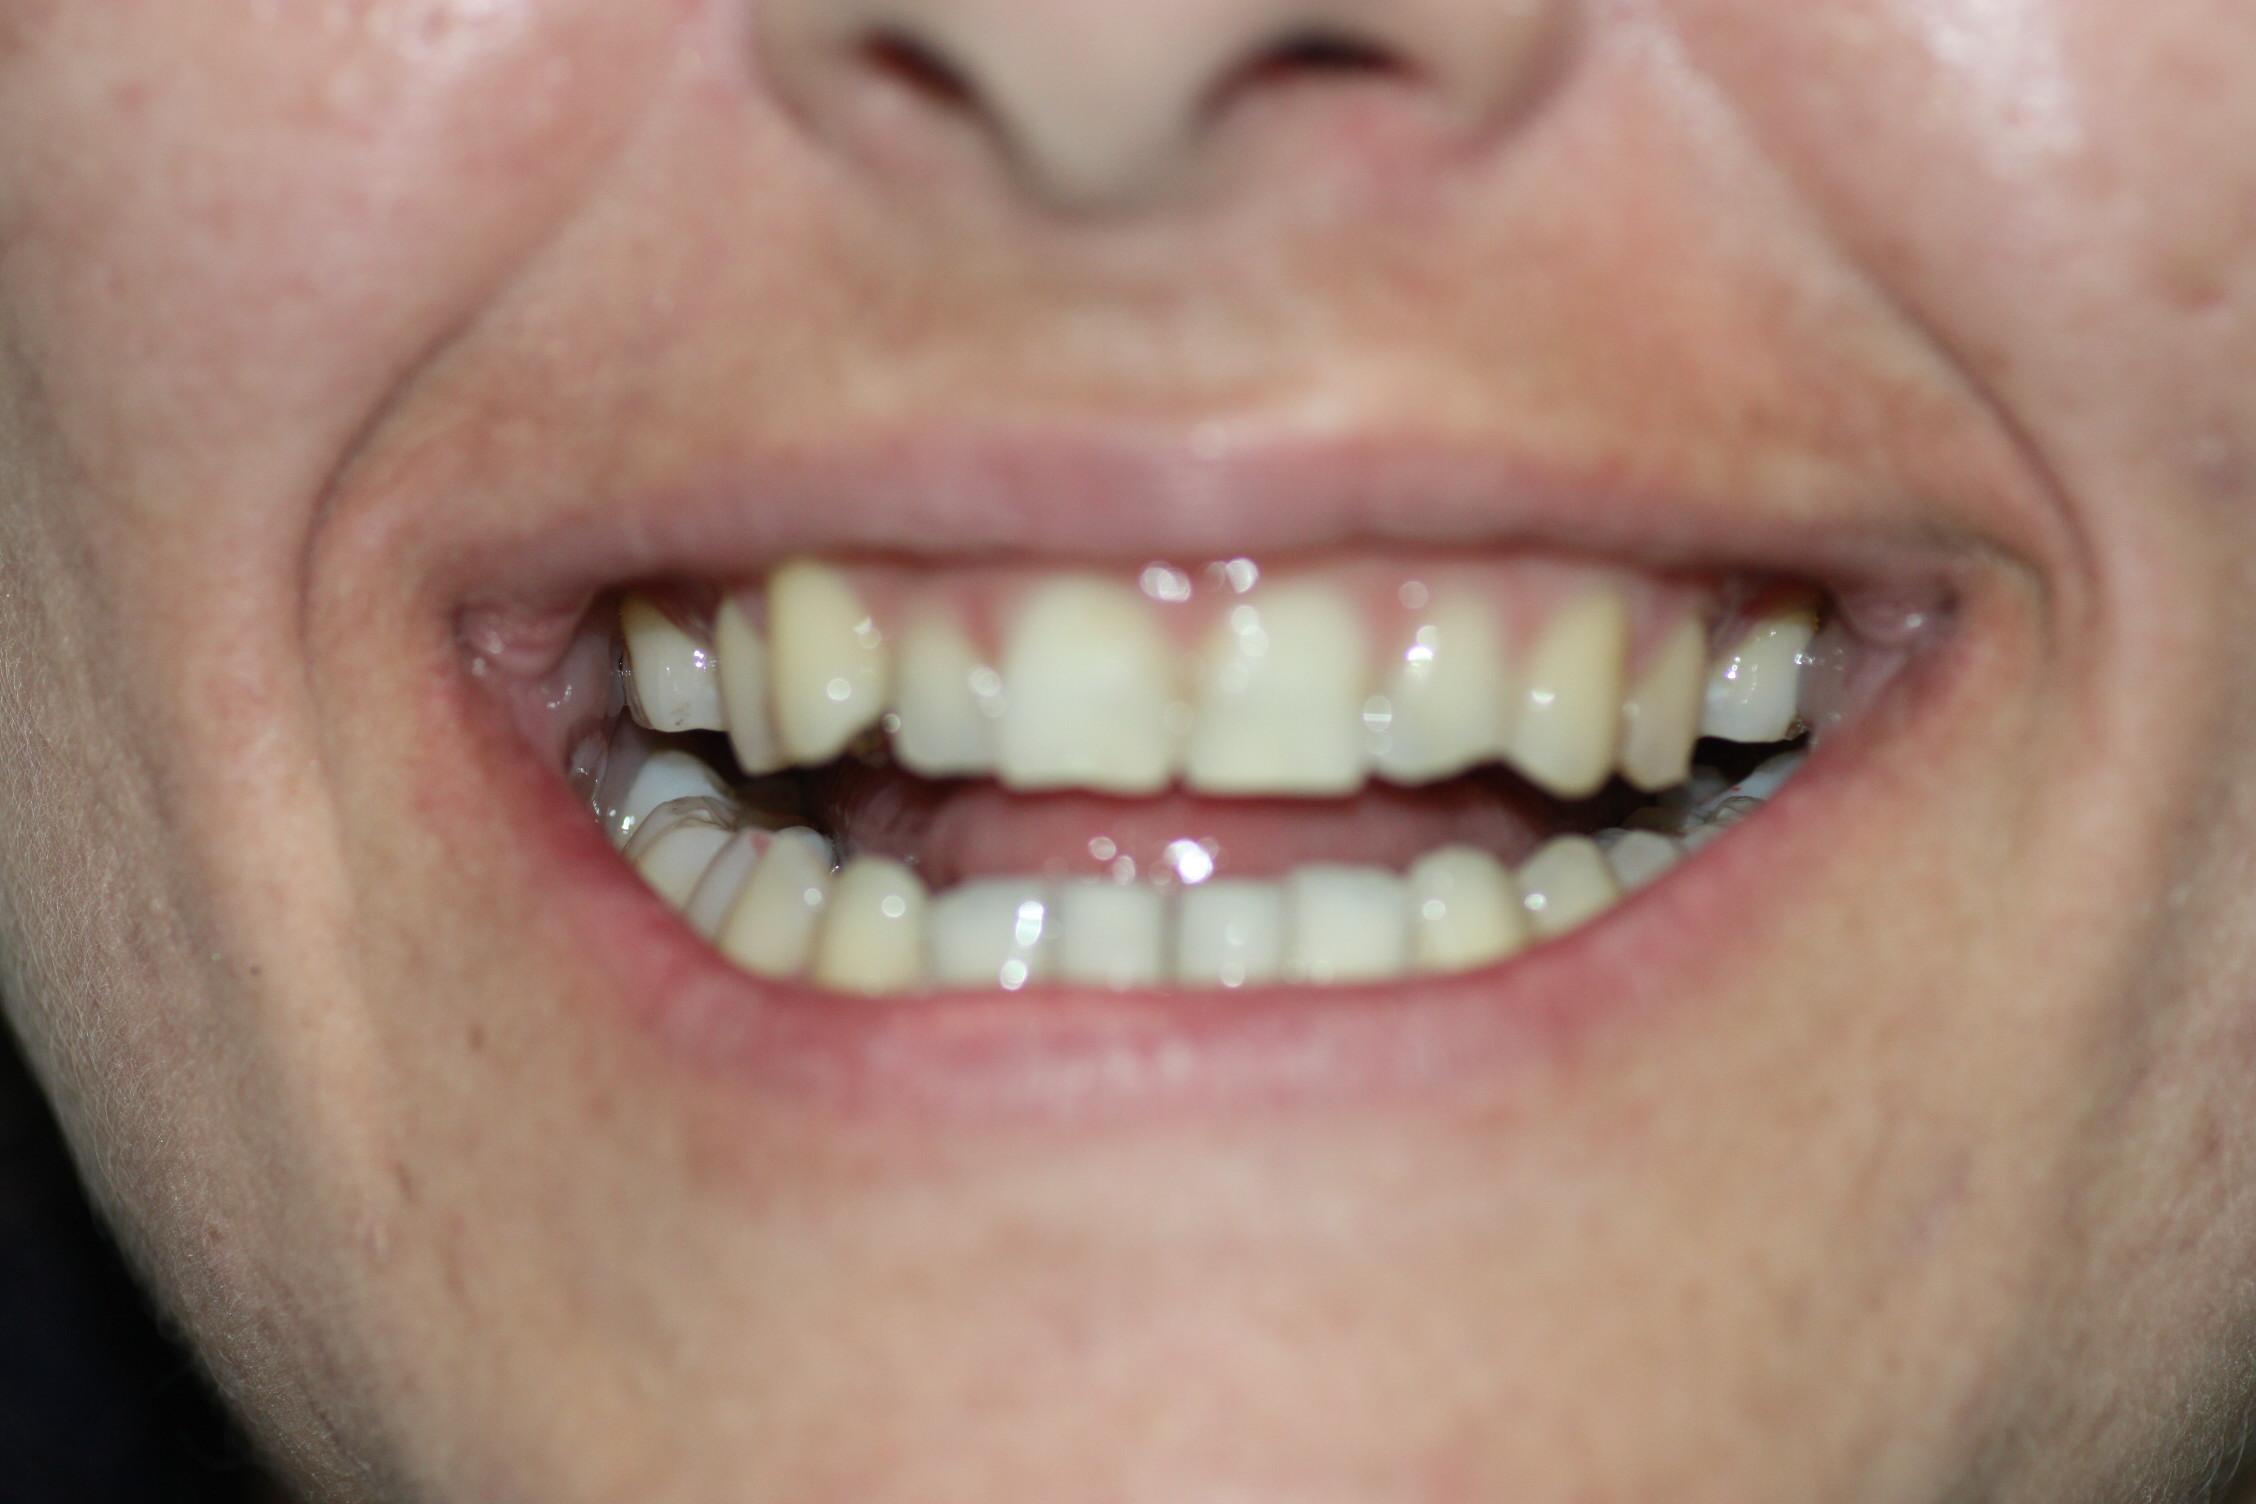 8. Bracket-Lingual-Incognito-3M-Ortodoncia-Murcia-Sonrisa-Invisible-Estetica